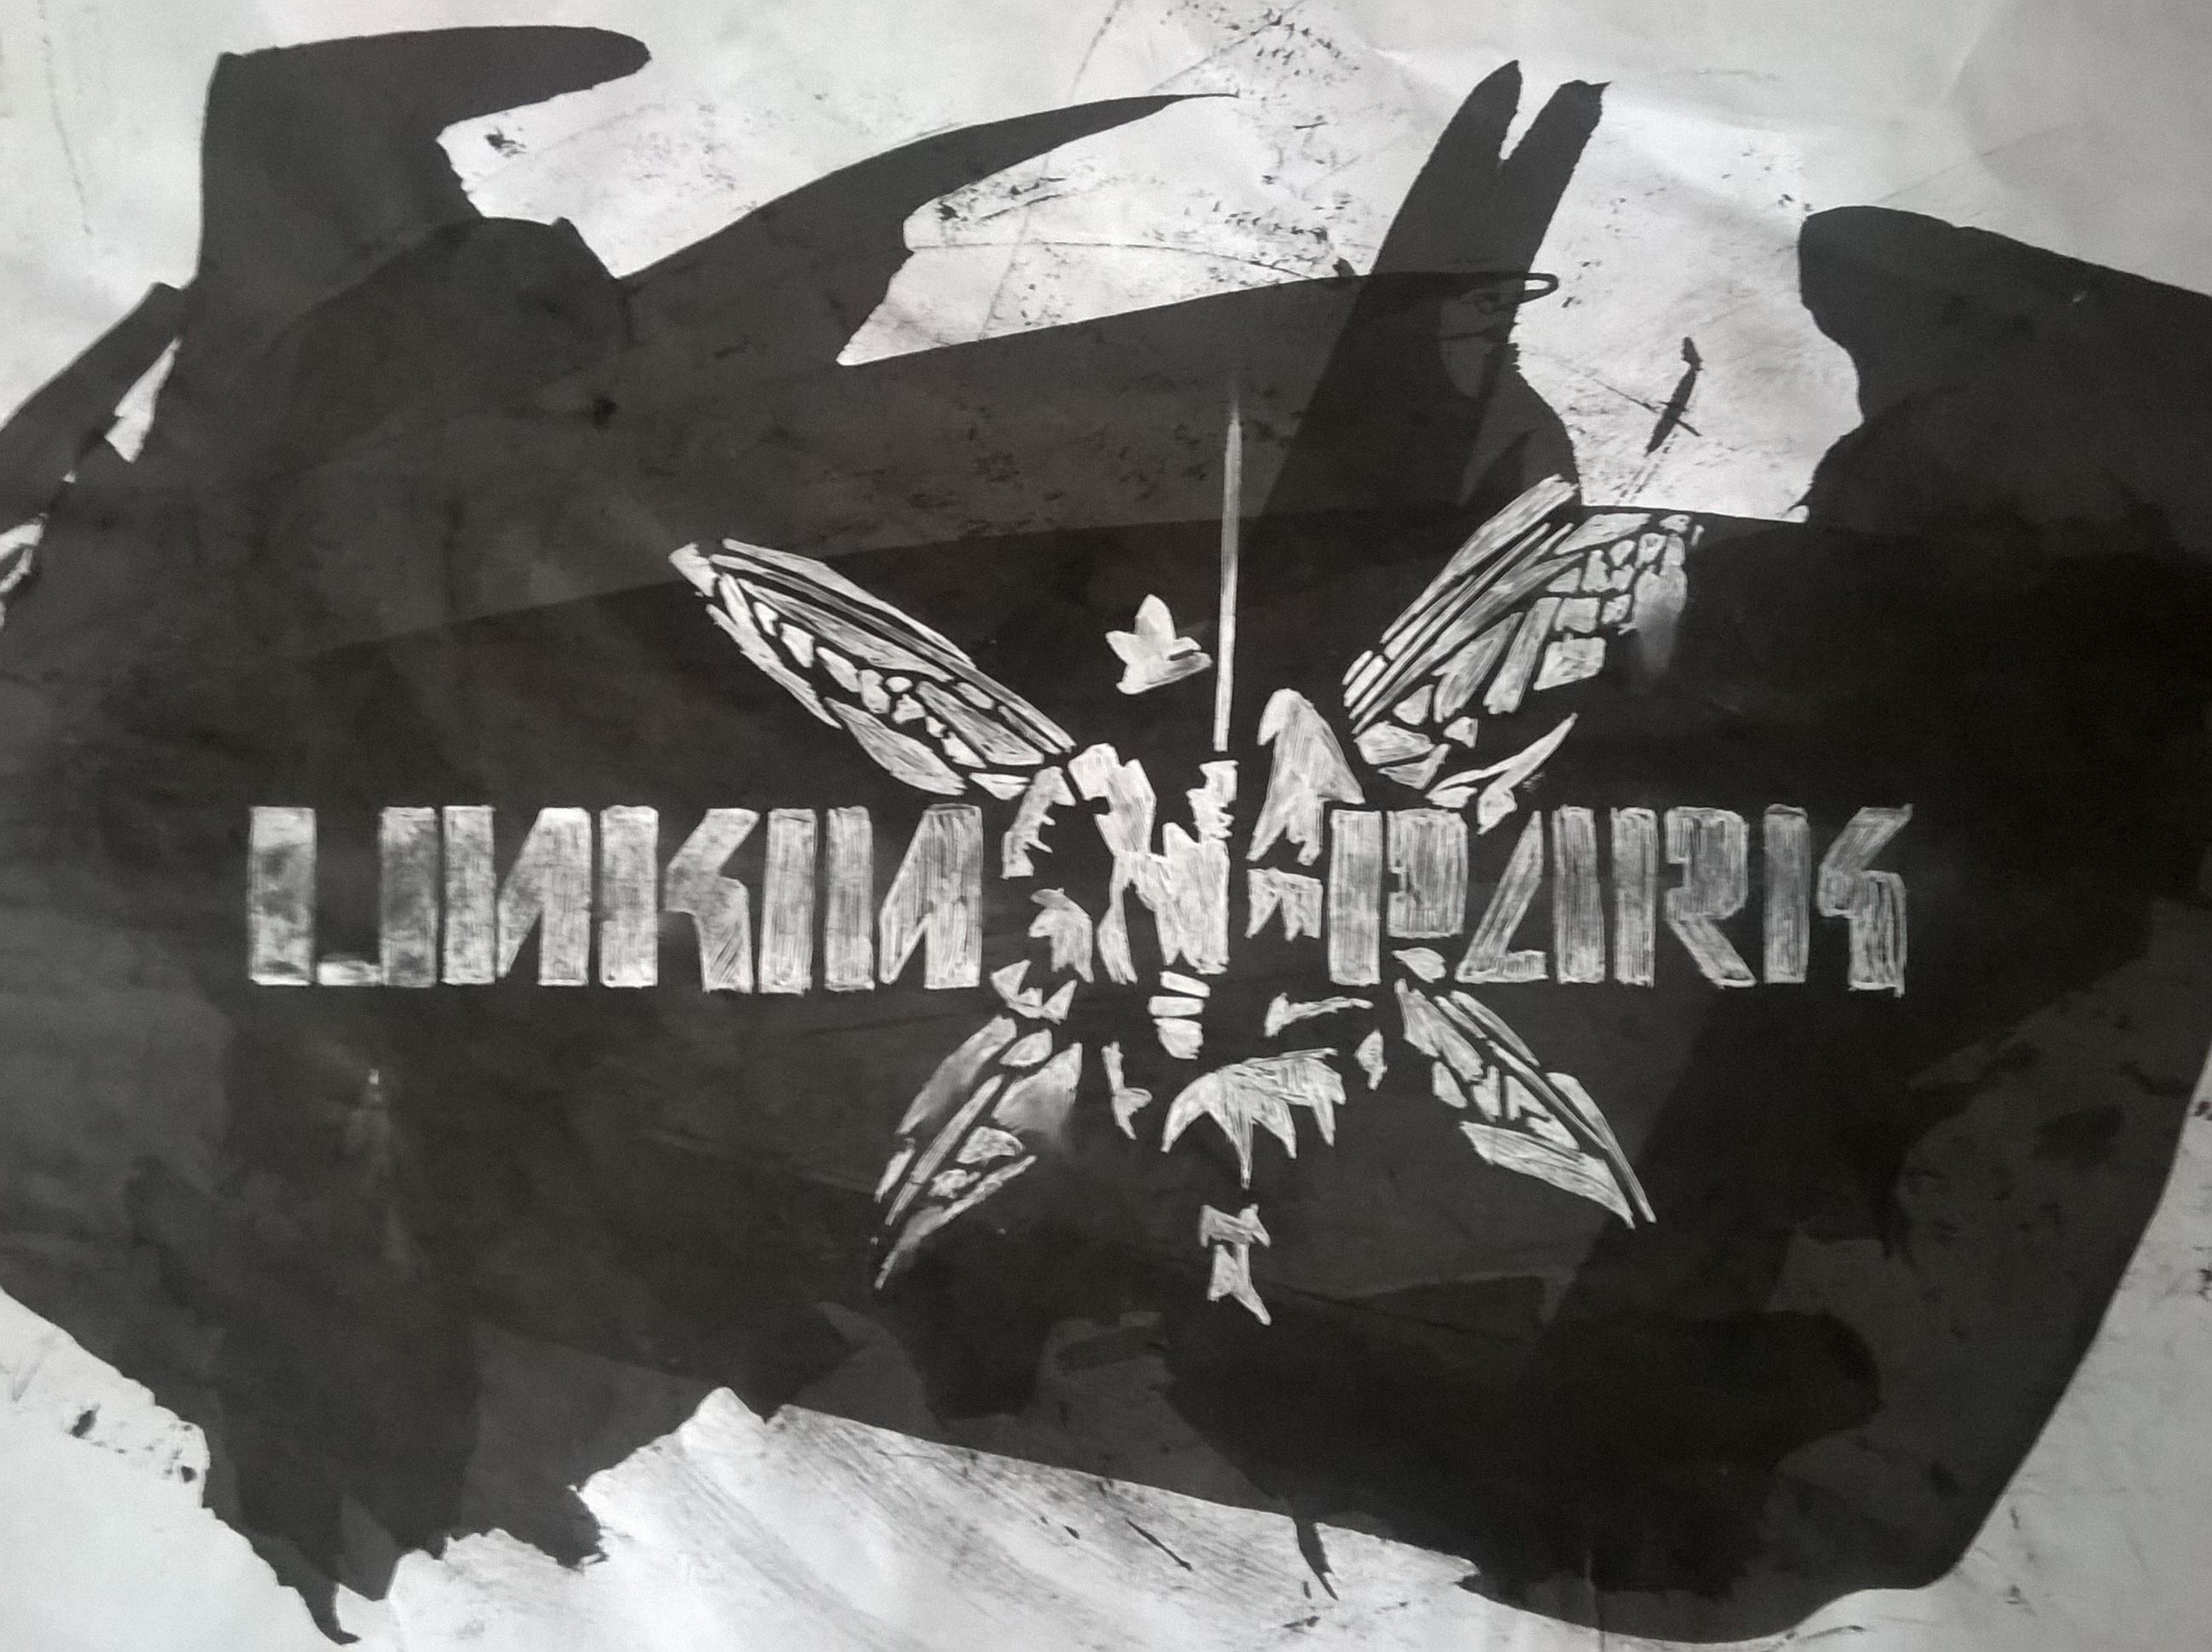 Linkin Park Hybrid Theory Logo By Valeriotumino On Deviantart